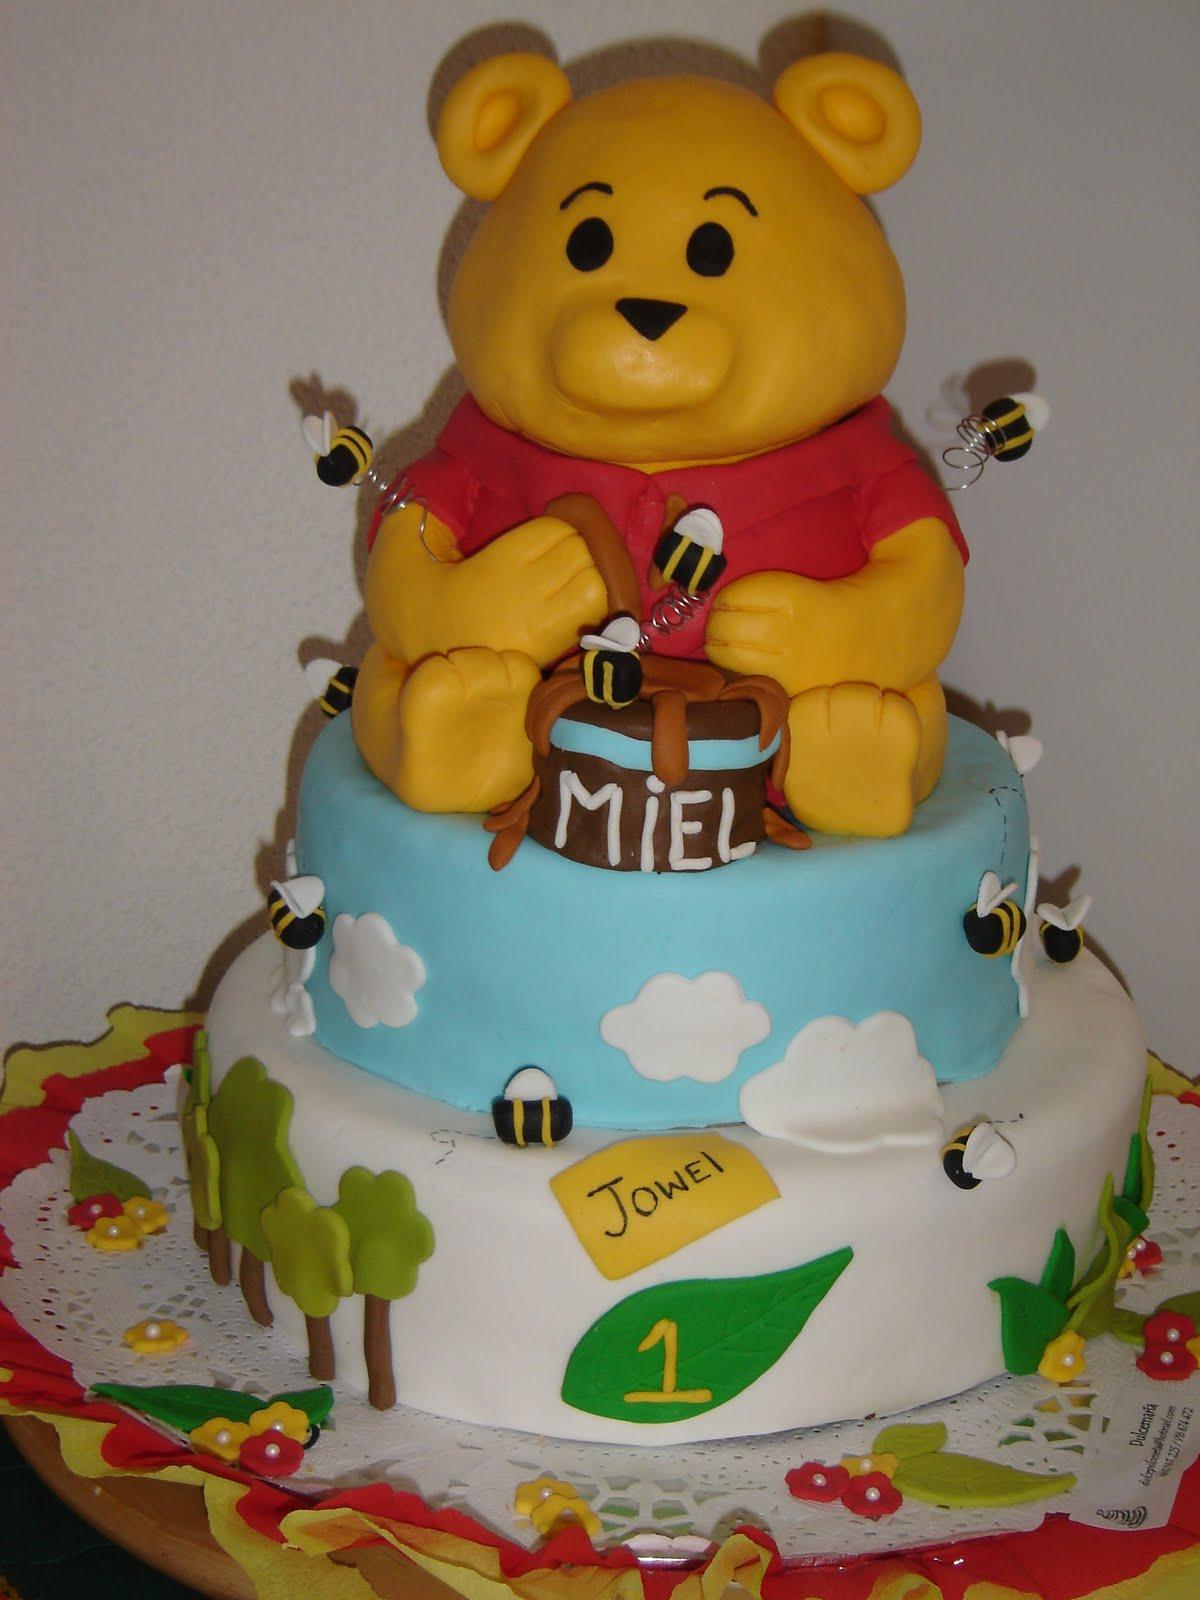 Pin Decoracion Winnie Pooh Para Utilizar Cumpleanos Los on Pinterest